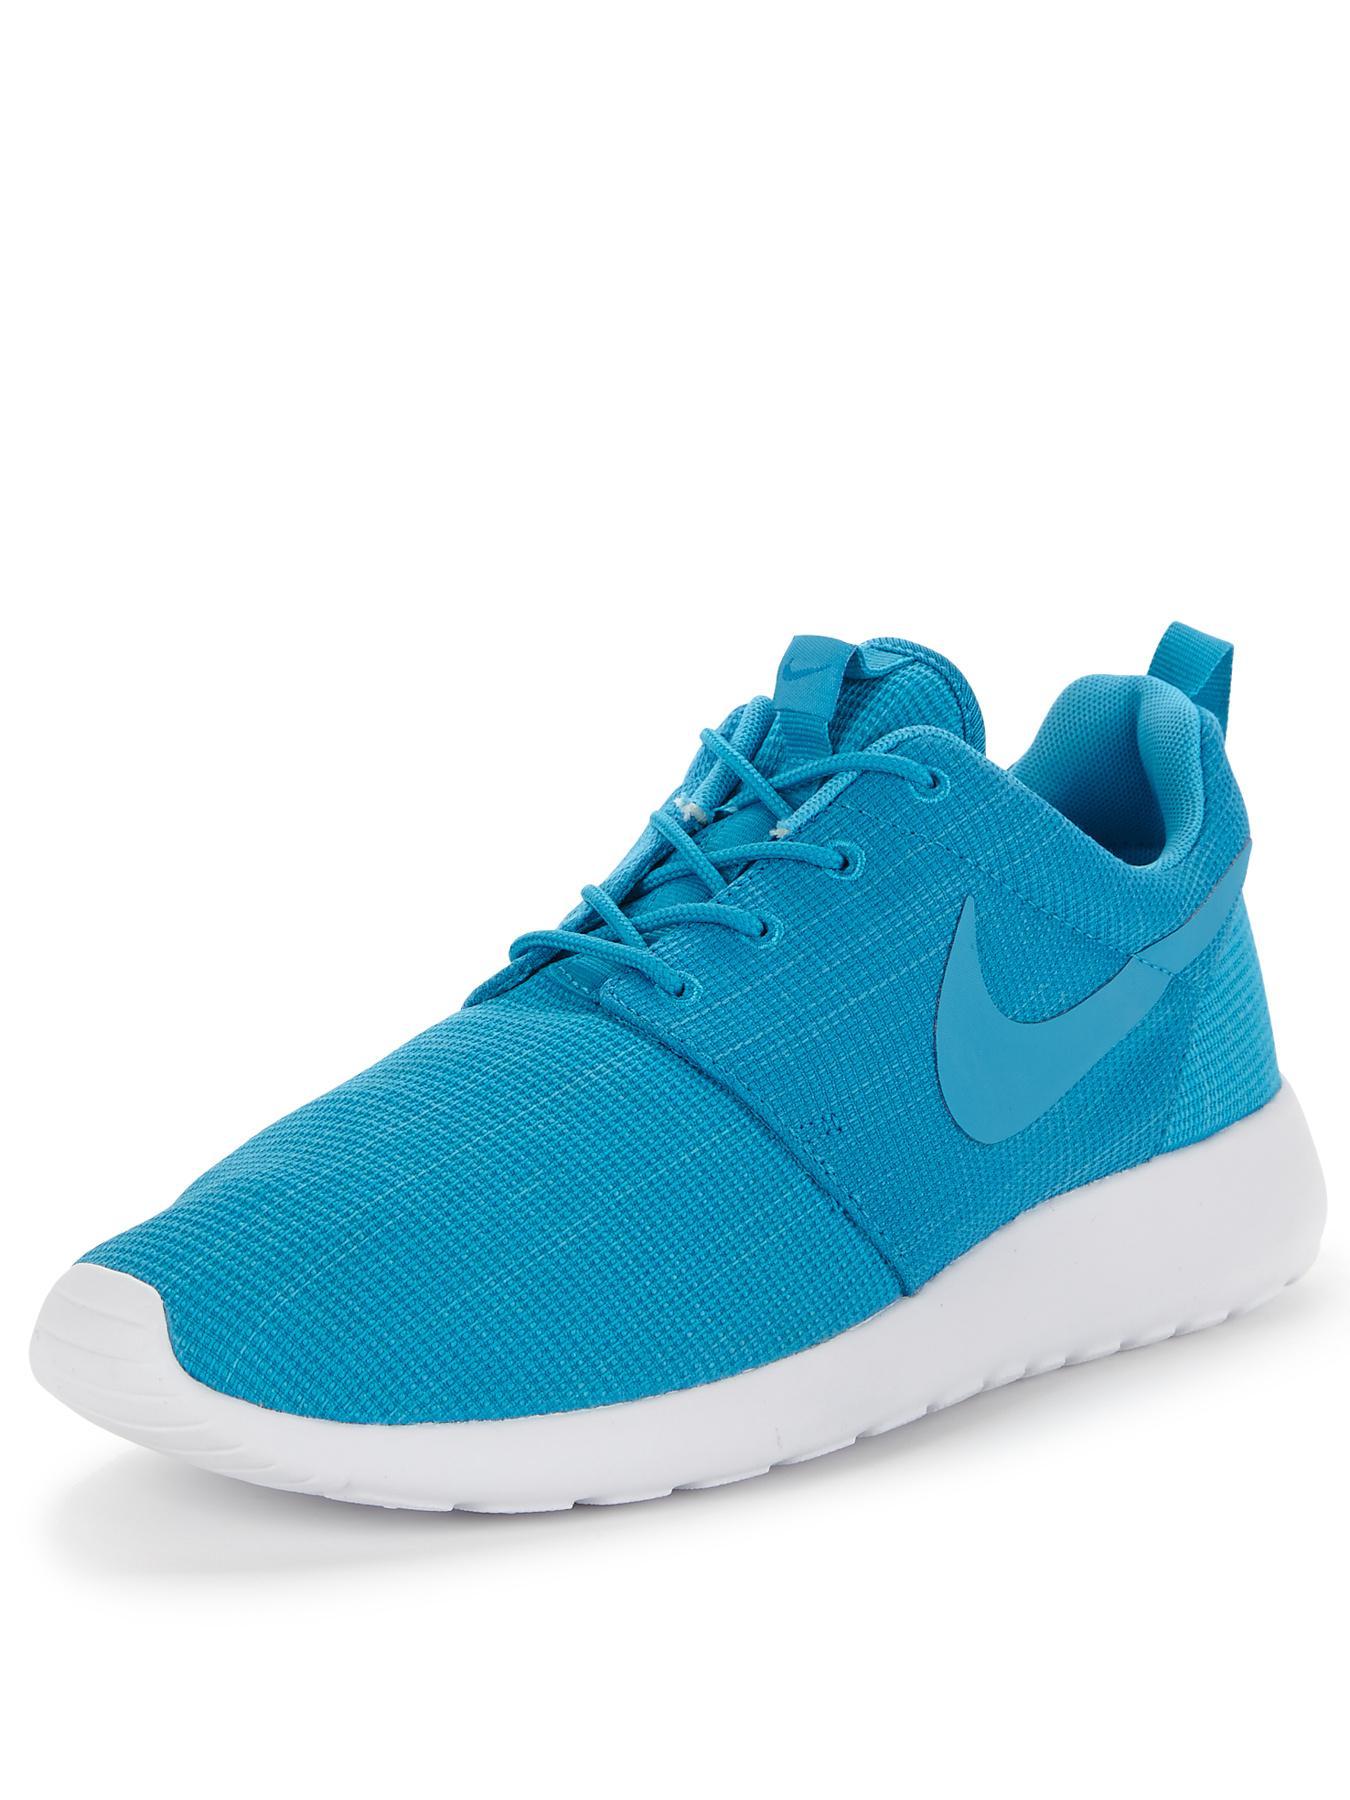 b27e546a263604 jqtgix Nike Roshe Run Slip   Nike Air Max 90 Trainers